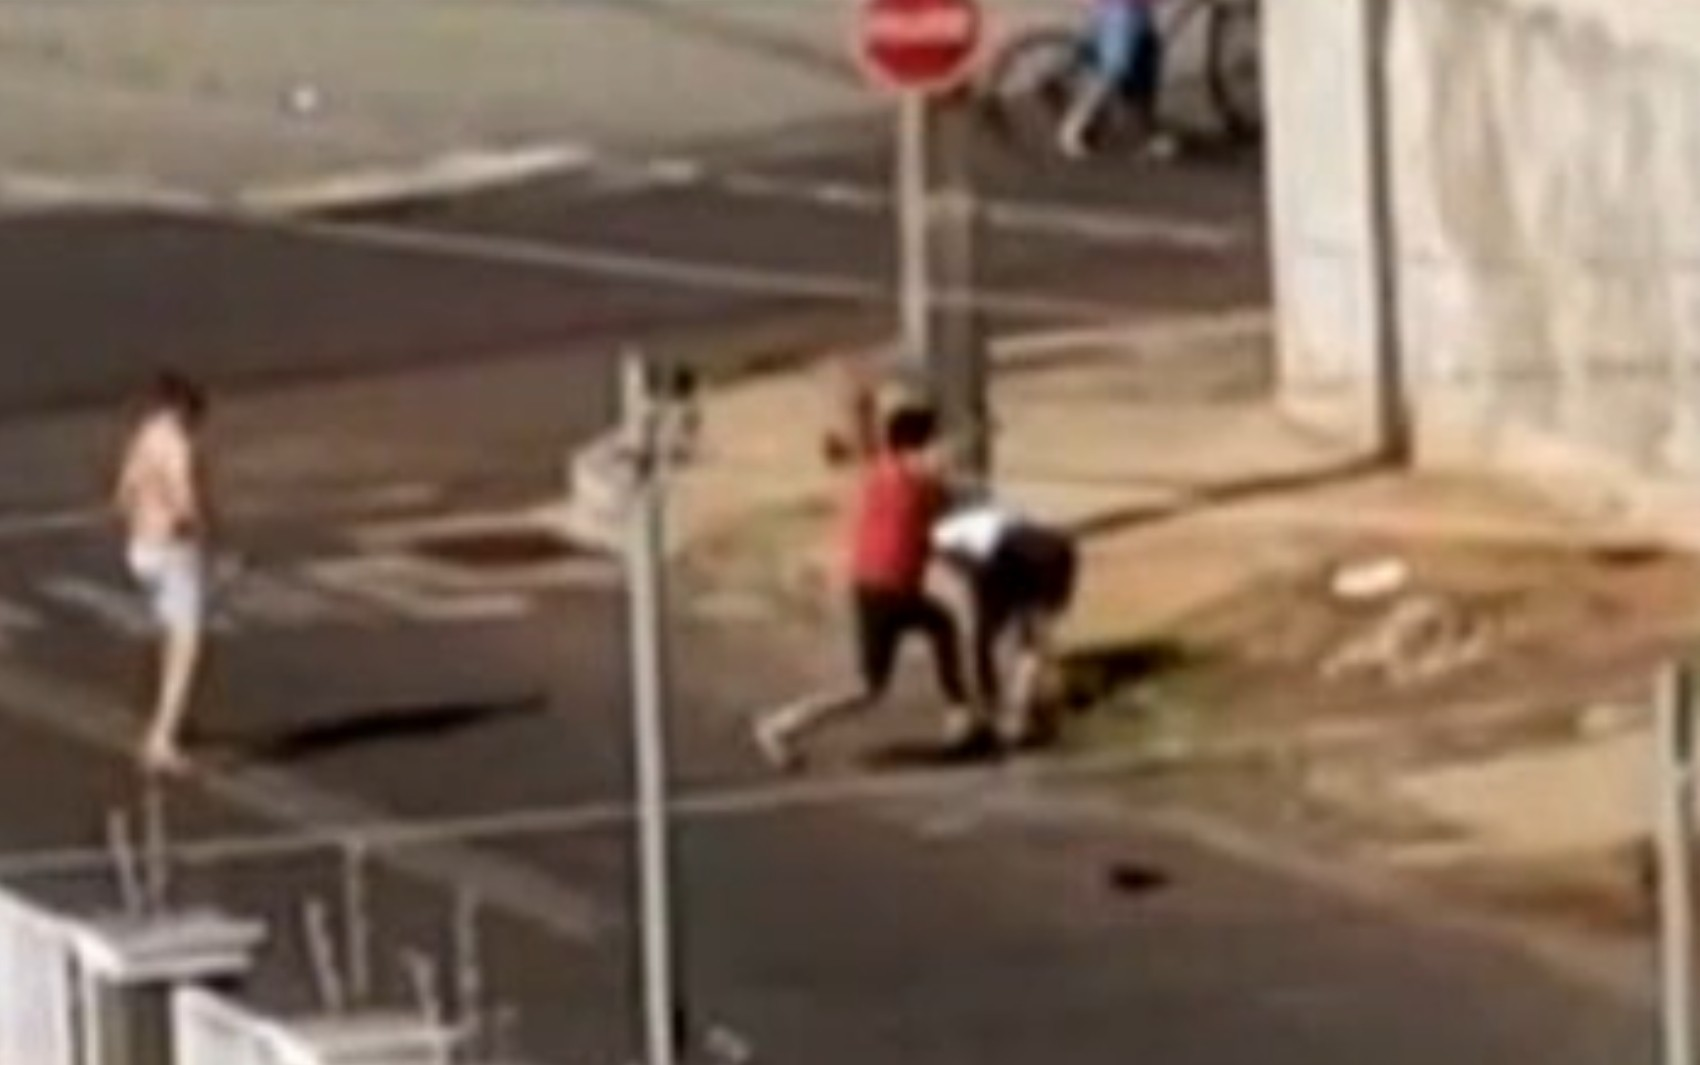 Homem é preso suspeito de matar cunhado e sobrinho a facadas durante briga, em Rio Verde; vídeo